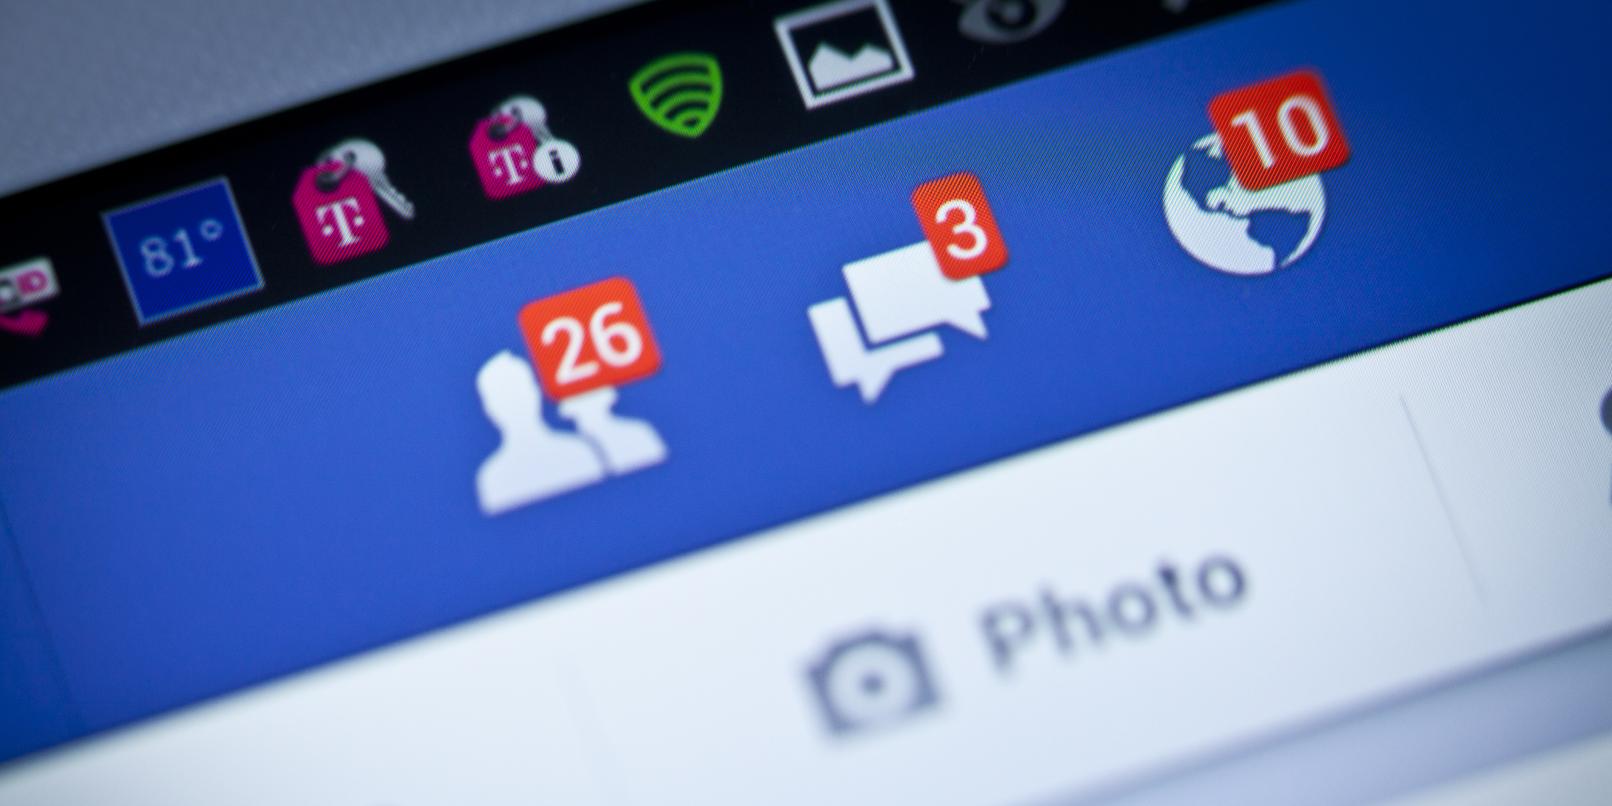 facebookページで分母を稼ぐには、サイトよりもコツコツと…